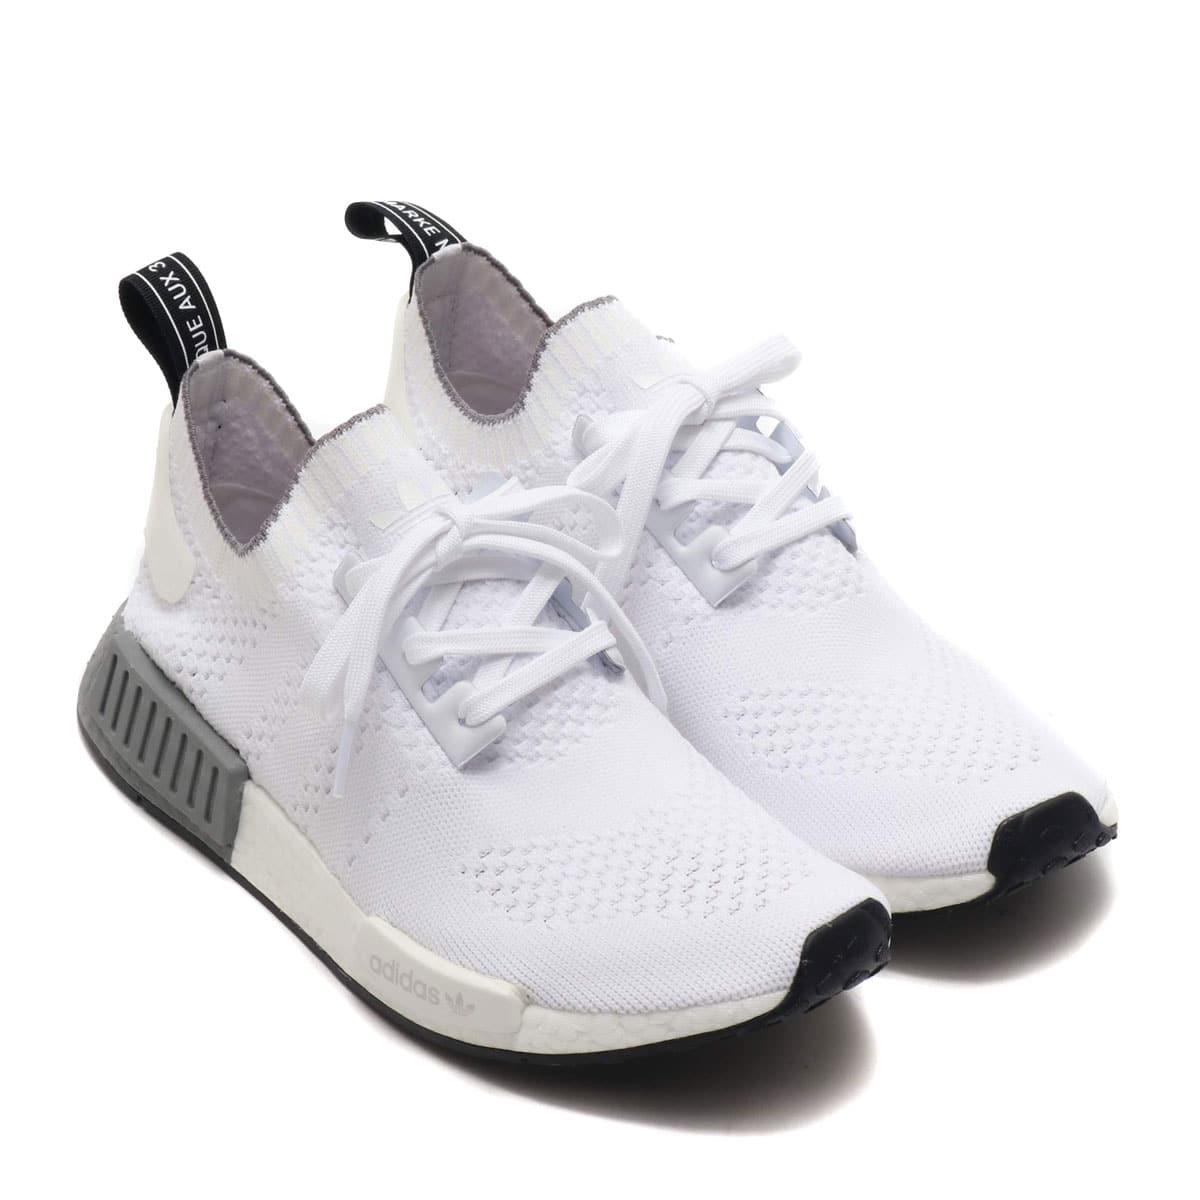 adidas NMD_R1 PK RUNNING WHITE/RUNNING WHITE/GREY THREE 19FW-I_photo_large